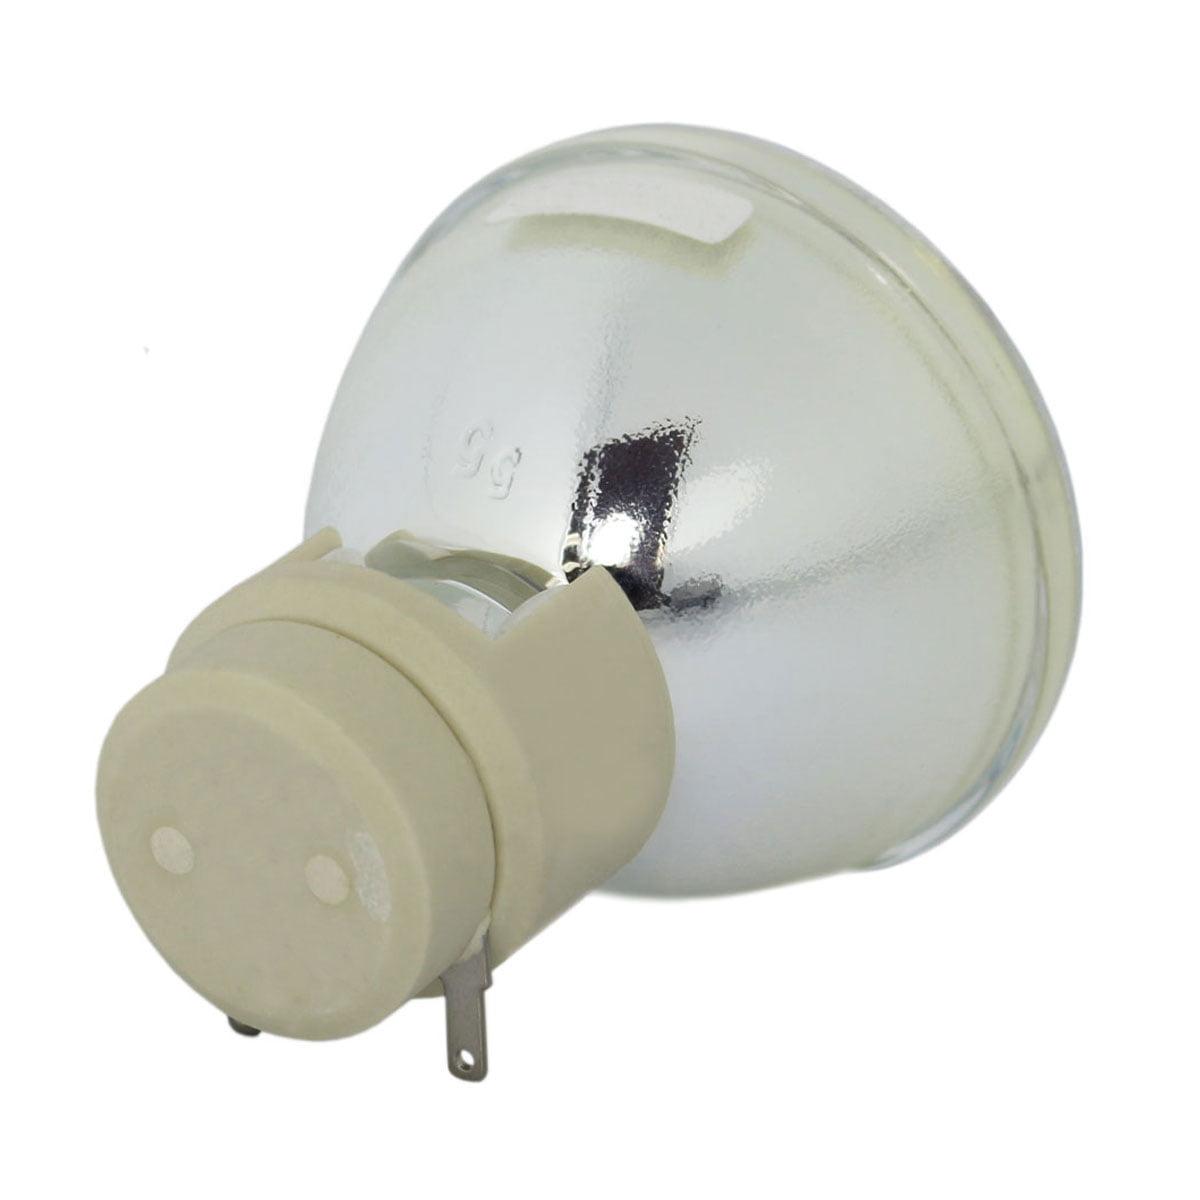 Lutema Platinum lampe pour ViewSonic PX726HD Projecteur (ampoule Philips originale) - image 3 de 5